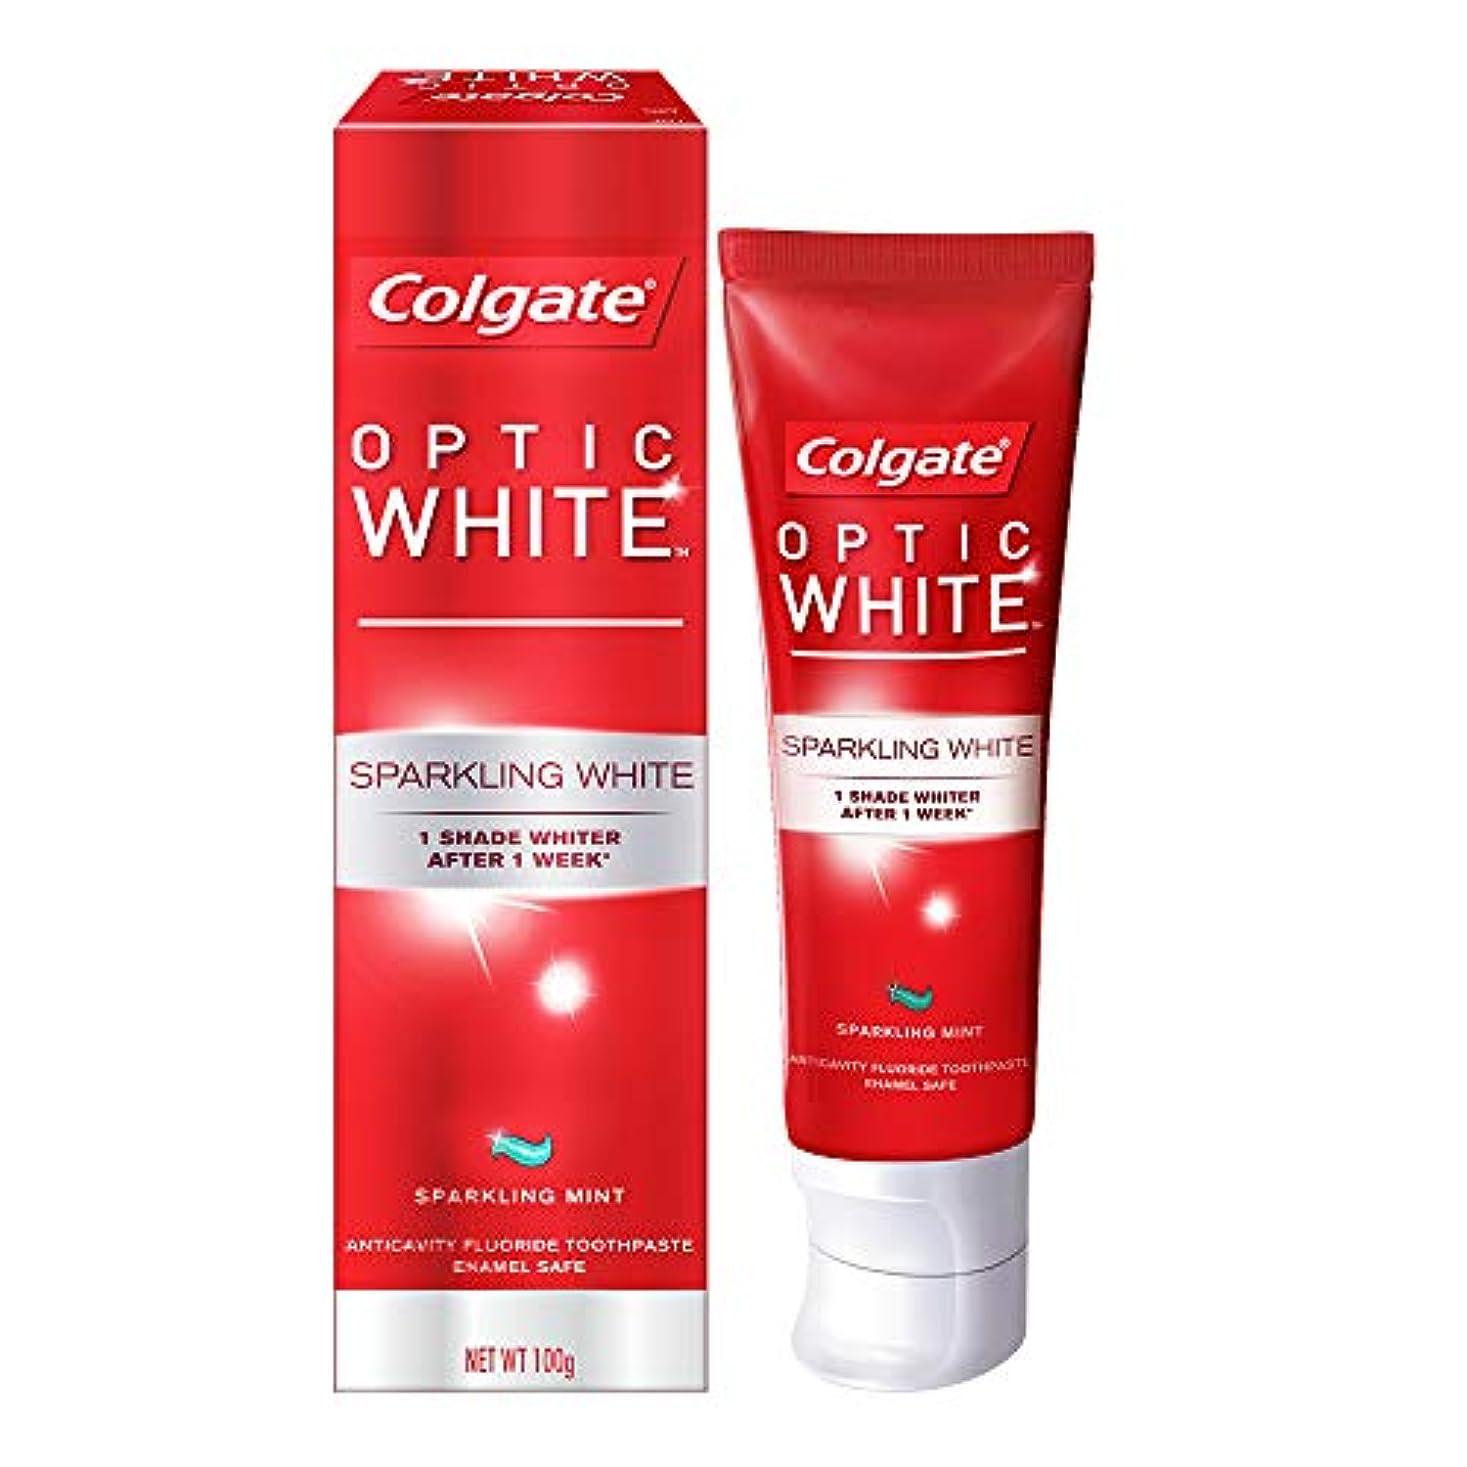 故障ライセンス利用可能コールゲート オプティック ホワイト スパークリングシャイン 100g 歯磨き粉 Colgate Optic White Sparkling Shine 100g Tooth Paste